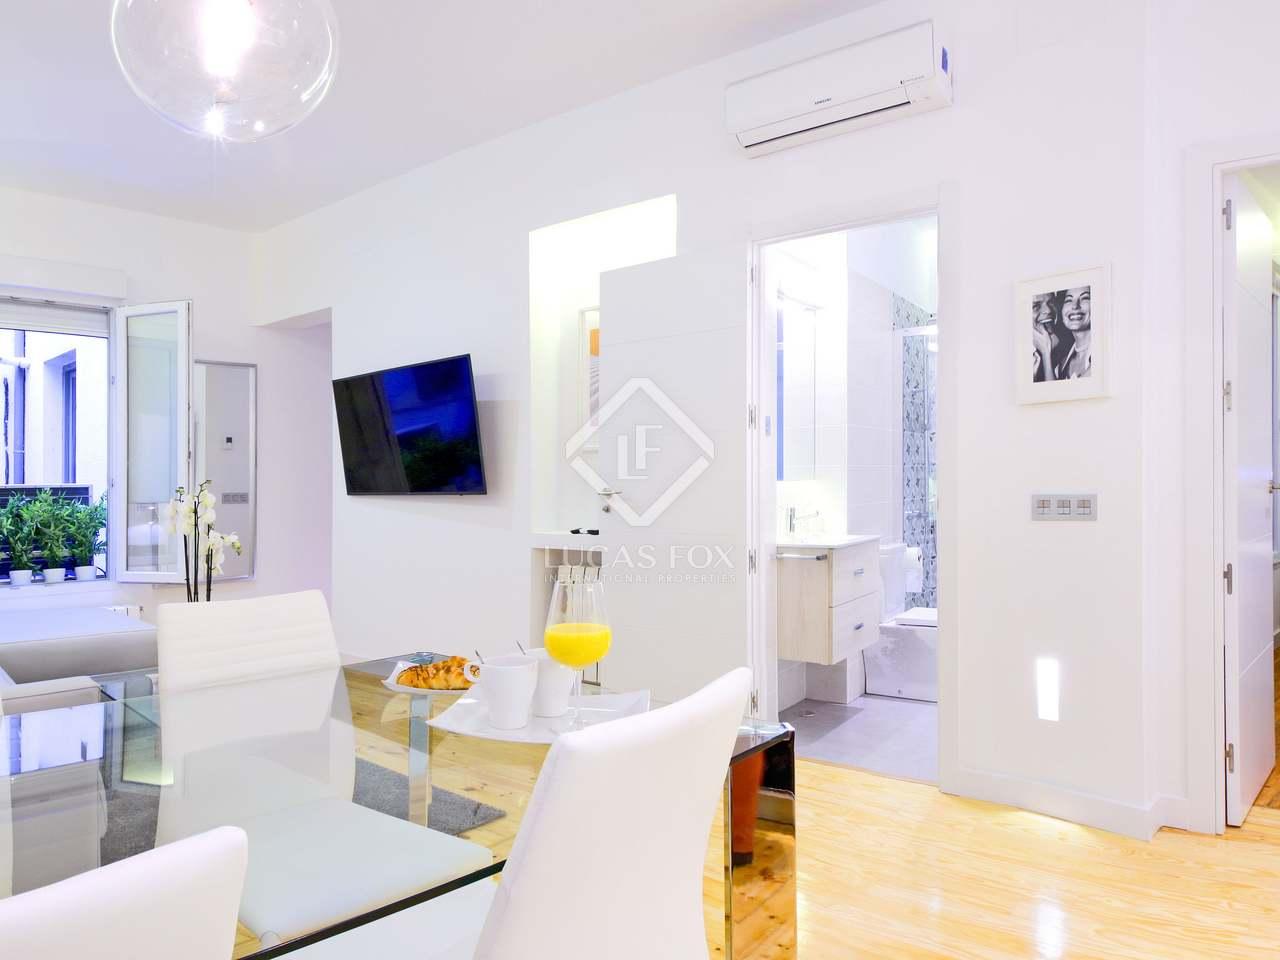 Piso de 1 dormitorio en alquiler en el centro de madrid for Compartir piso madrid centro